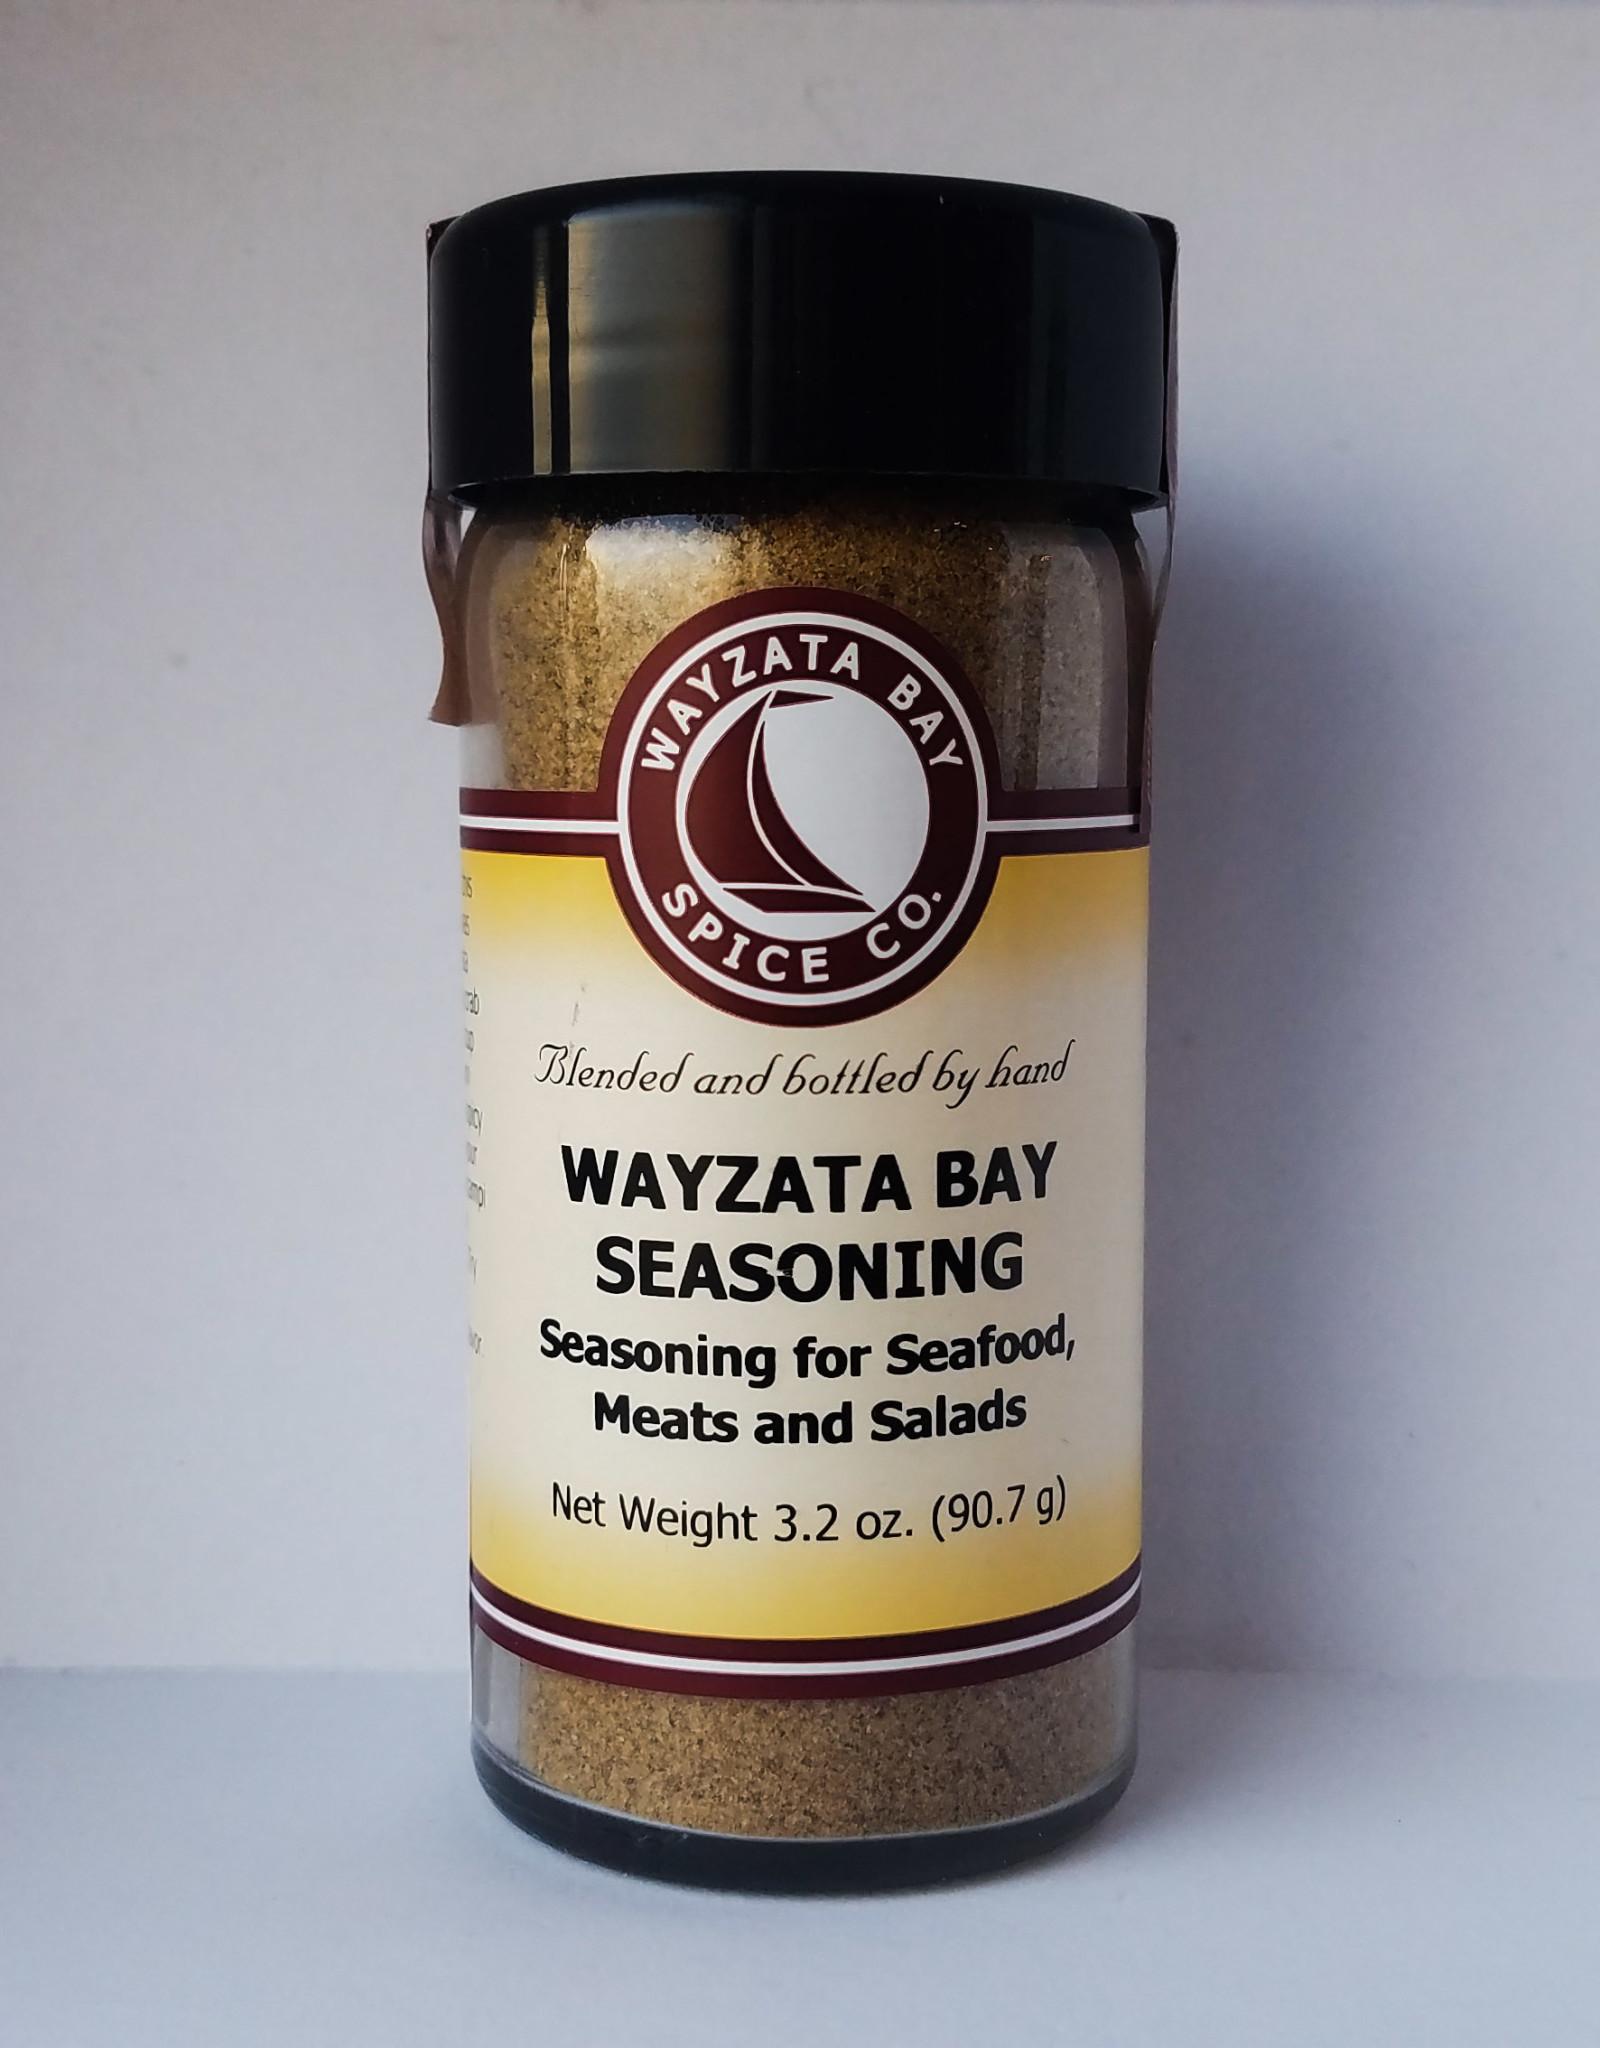 Wayzata Bay Spice Co. Wayzata Bay All Purpose Seasoning